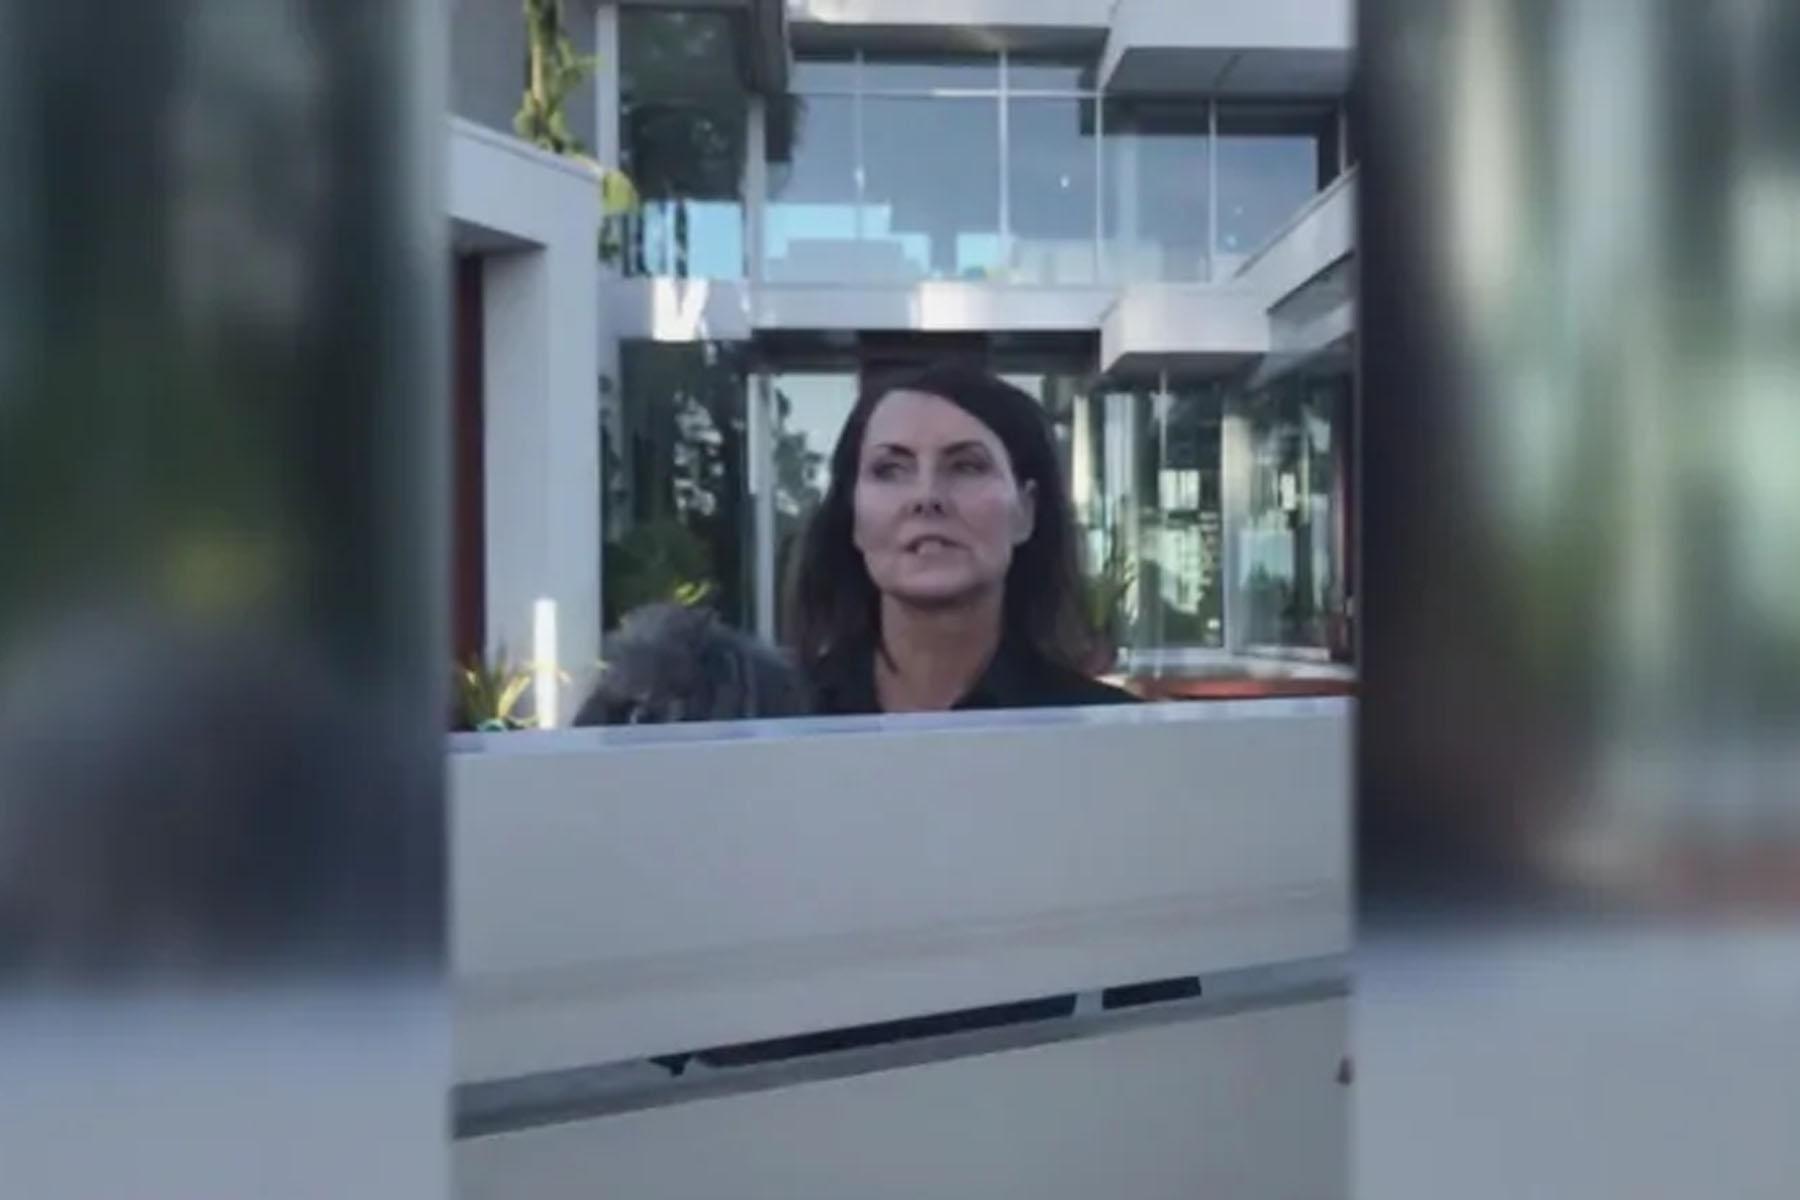 تصویر از تحقیقات و رسیدگی به پرونده بد رفتاری همسر پلیس دلتا آغاز شد